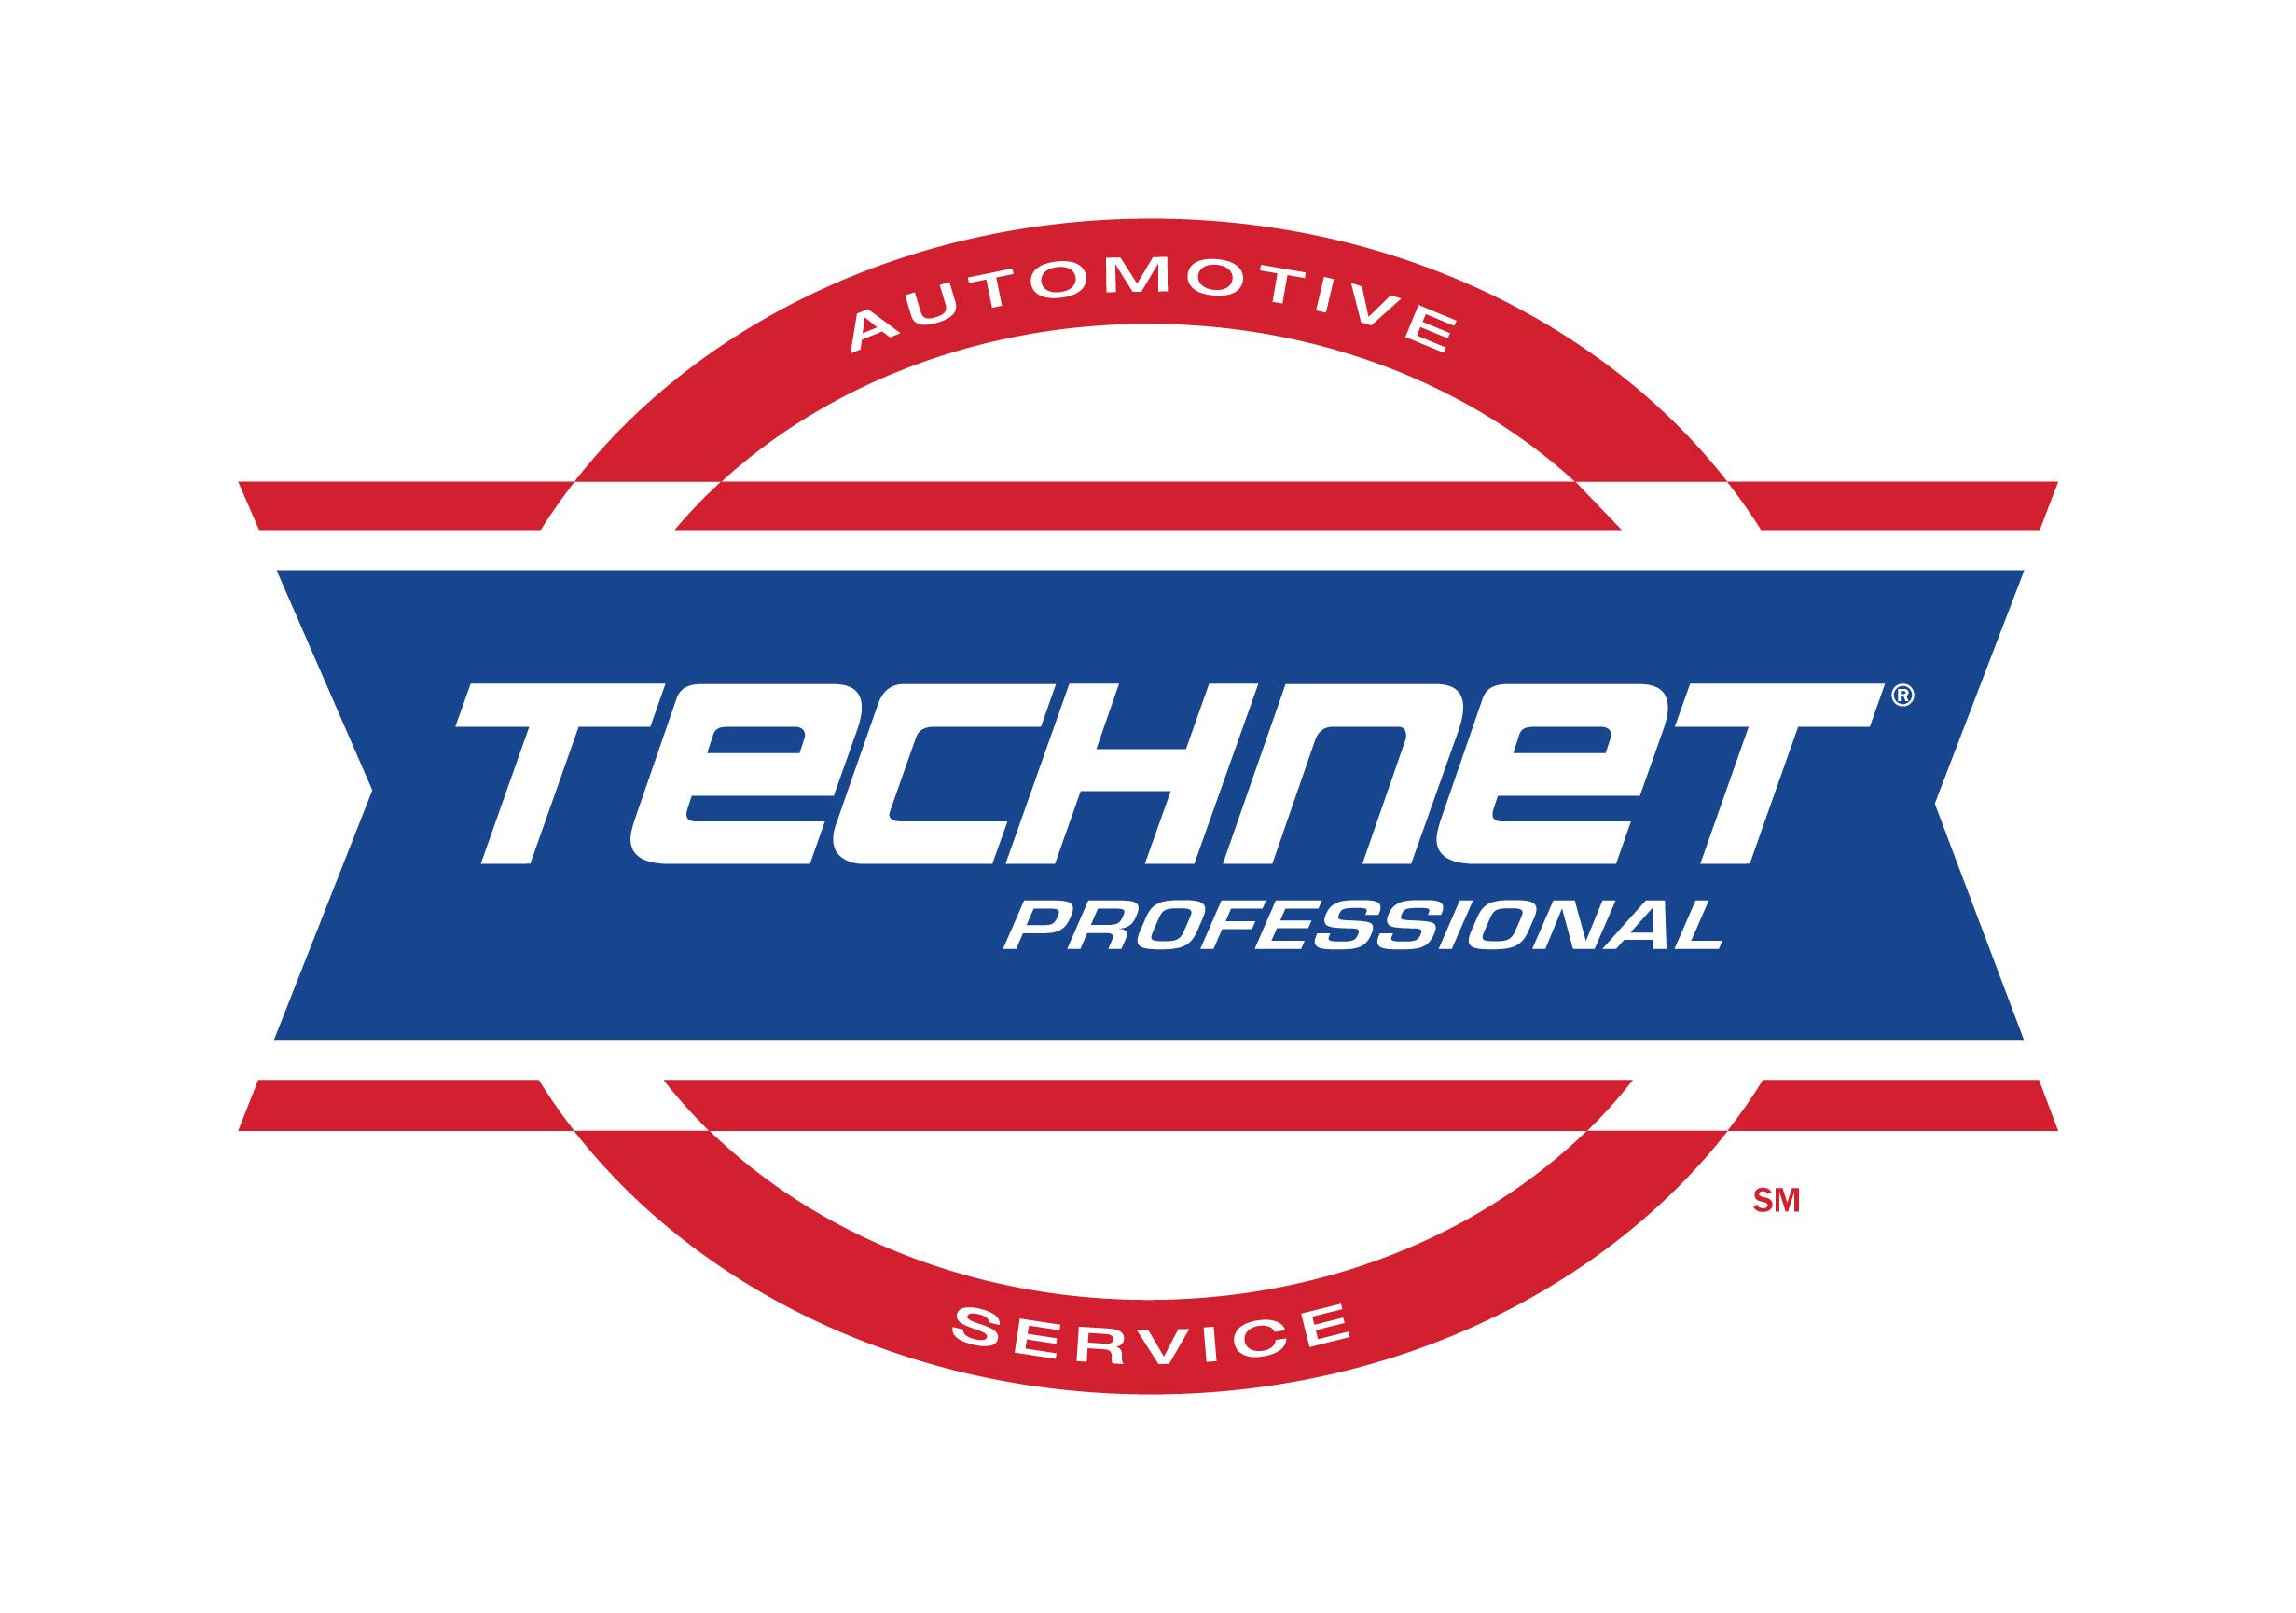 Technet Automotive Service 25 mo, 24k mi Warranty